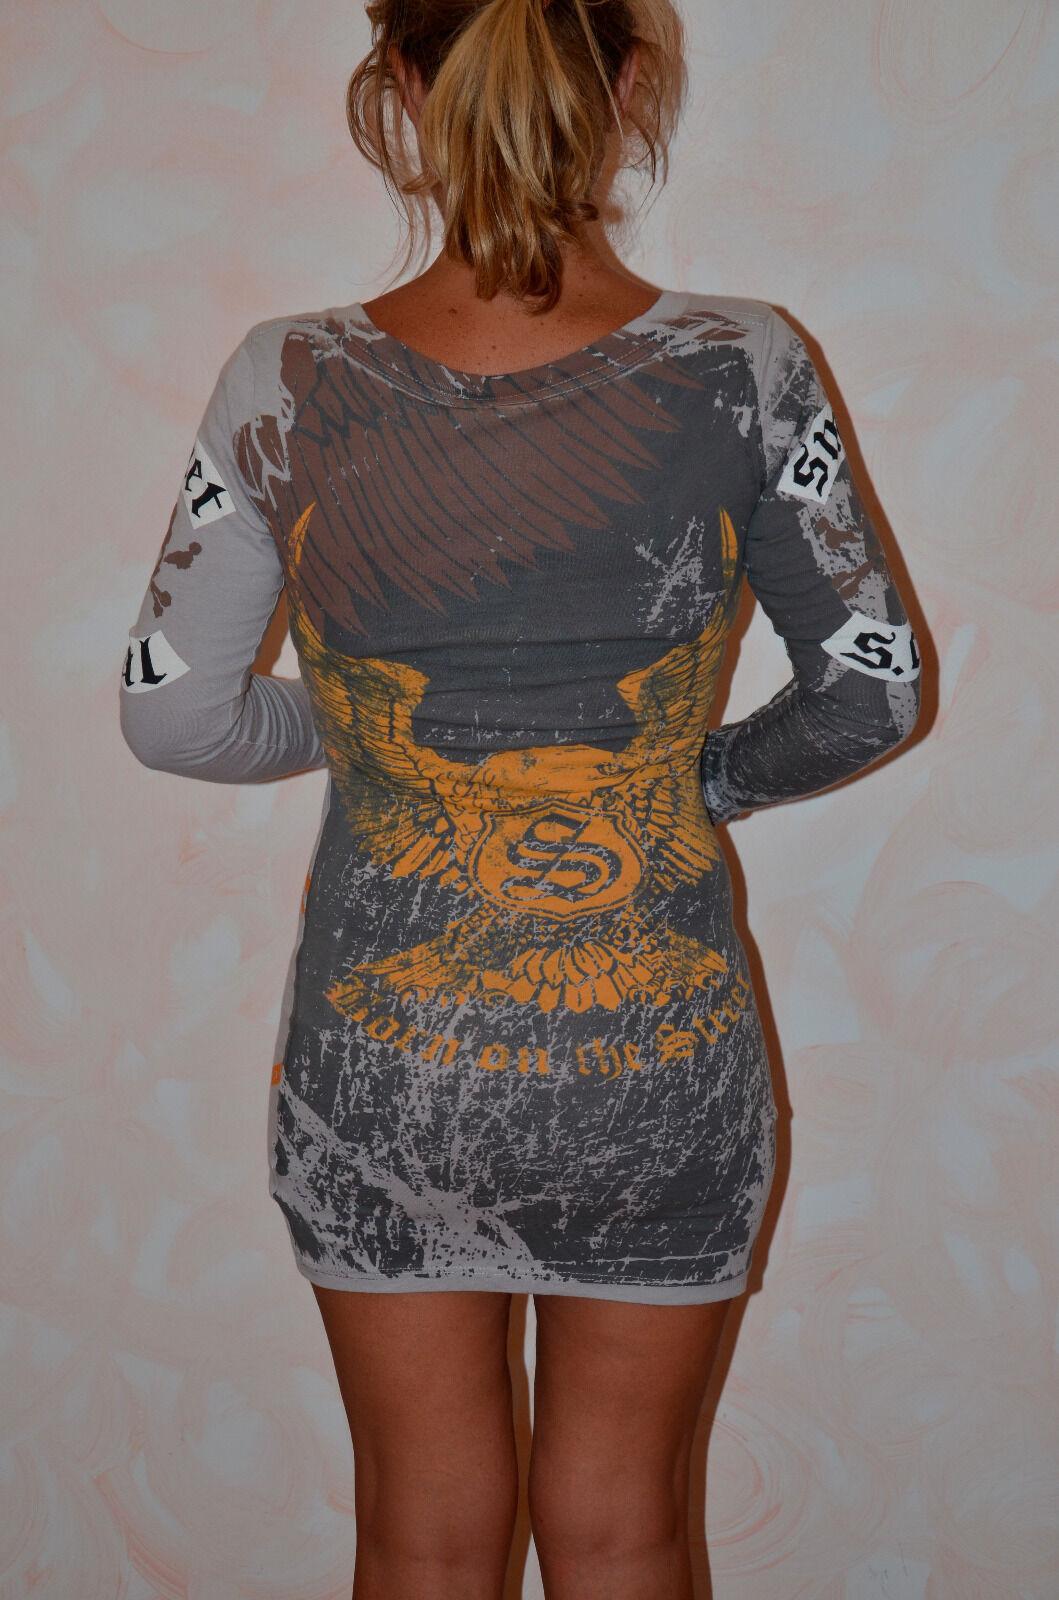 Bel vestito grigio SMET LOS ANGELES    hallyday taglia XS NUOVO ETICHETTA